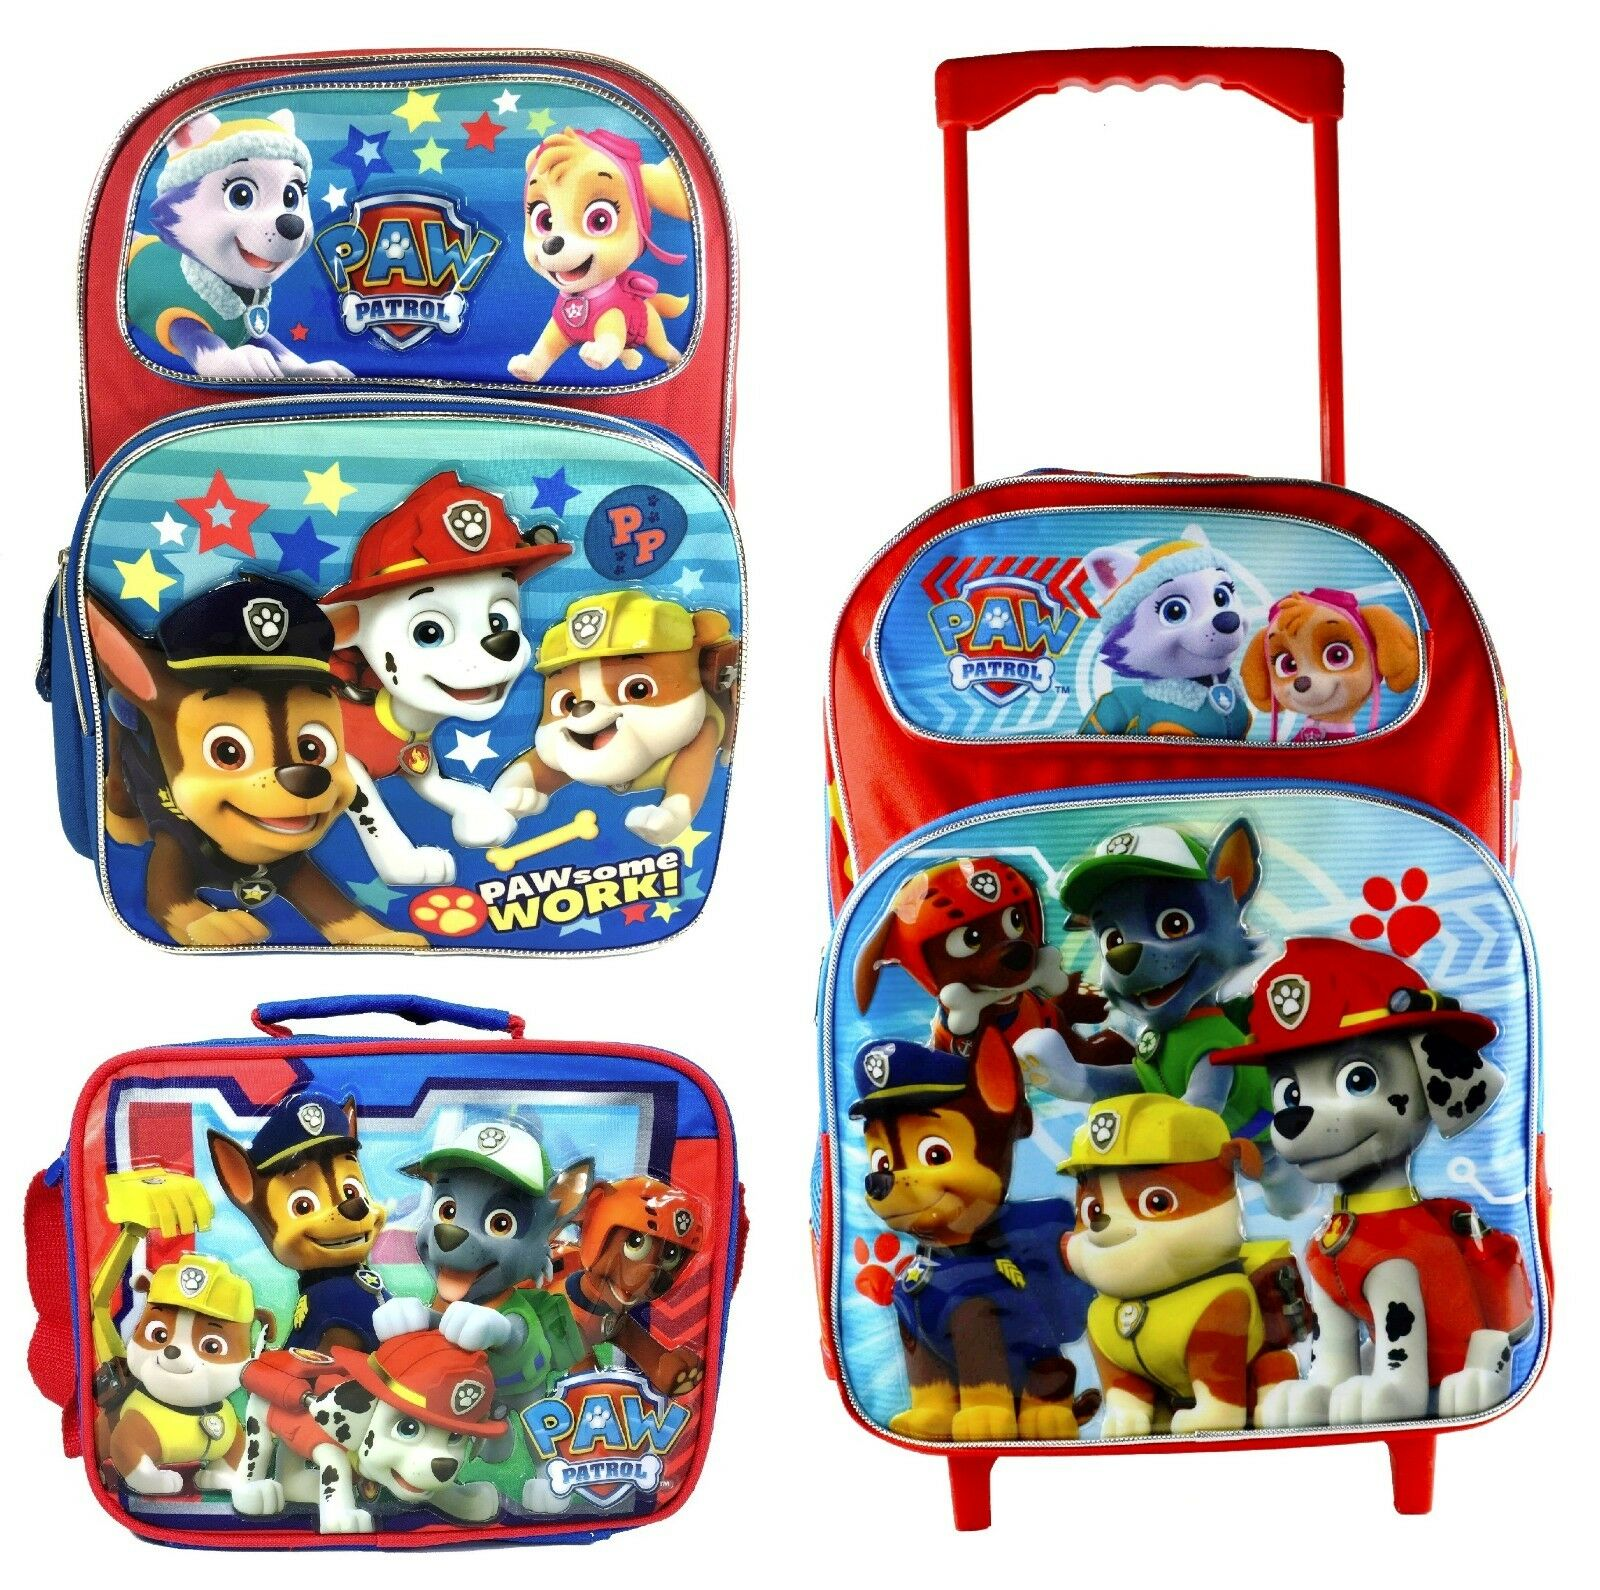 Nickelodeon Paw Patrol Lunch Bag Large School Backpack Rolling Bag